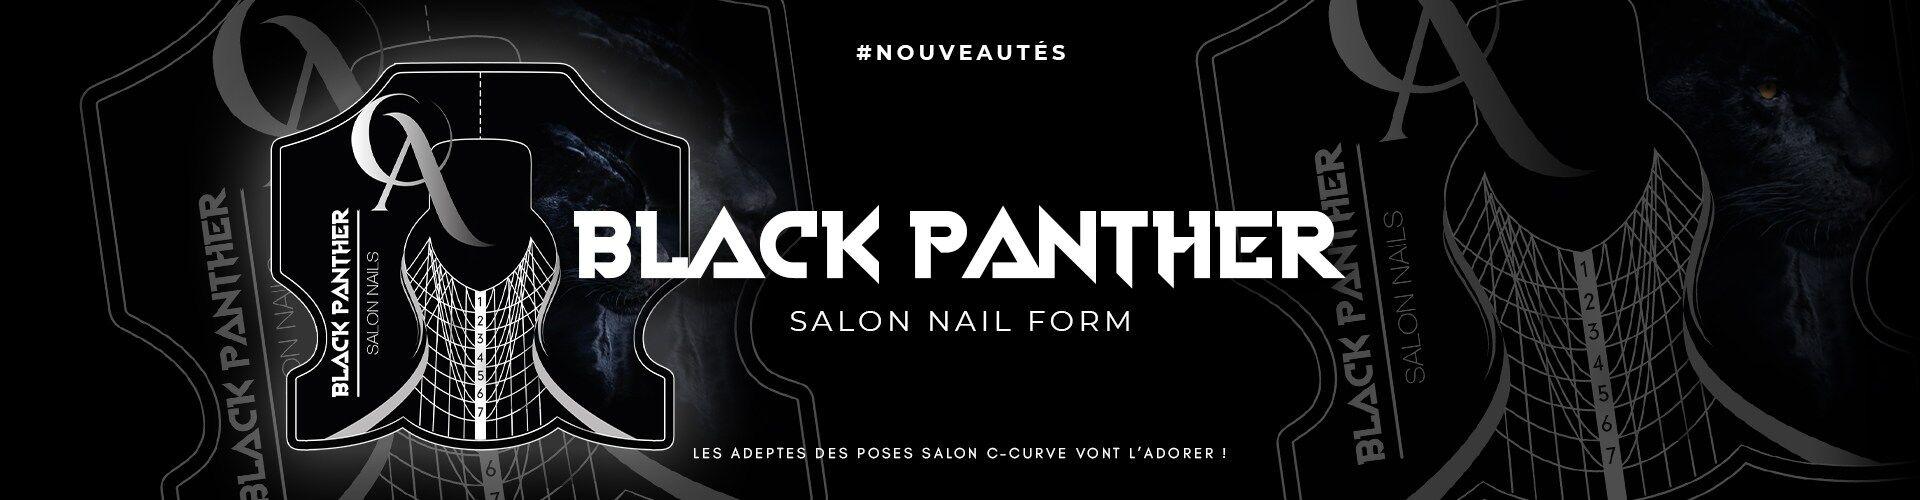 SLIDE A - BLACK PANTHER